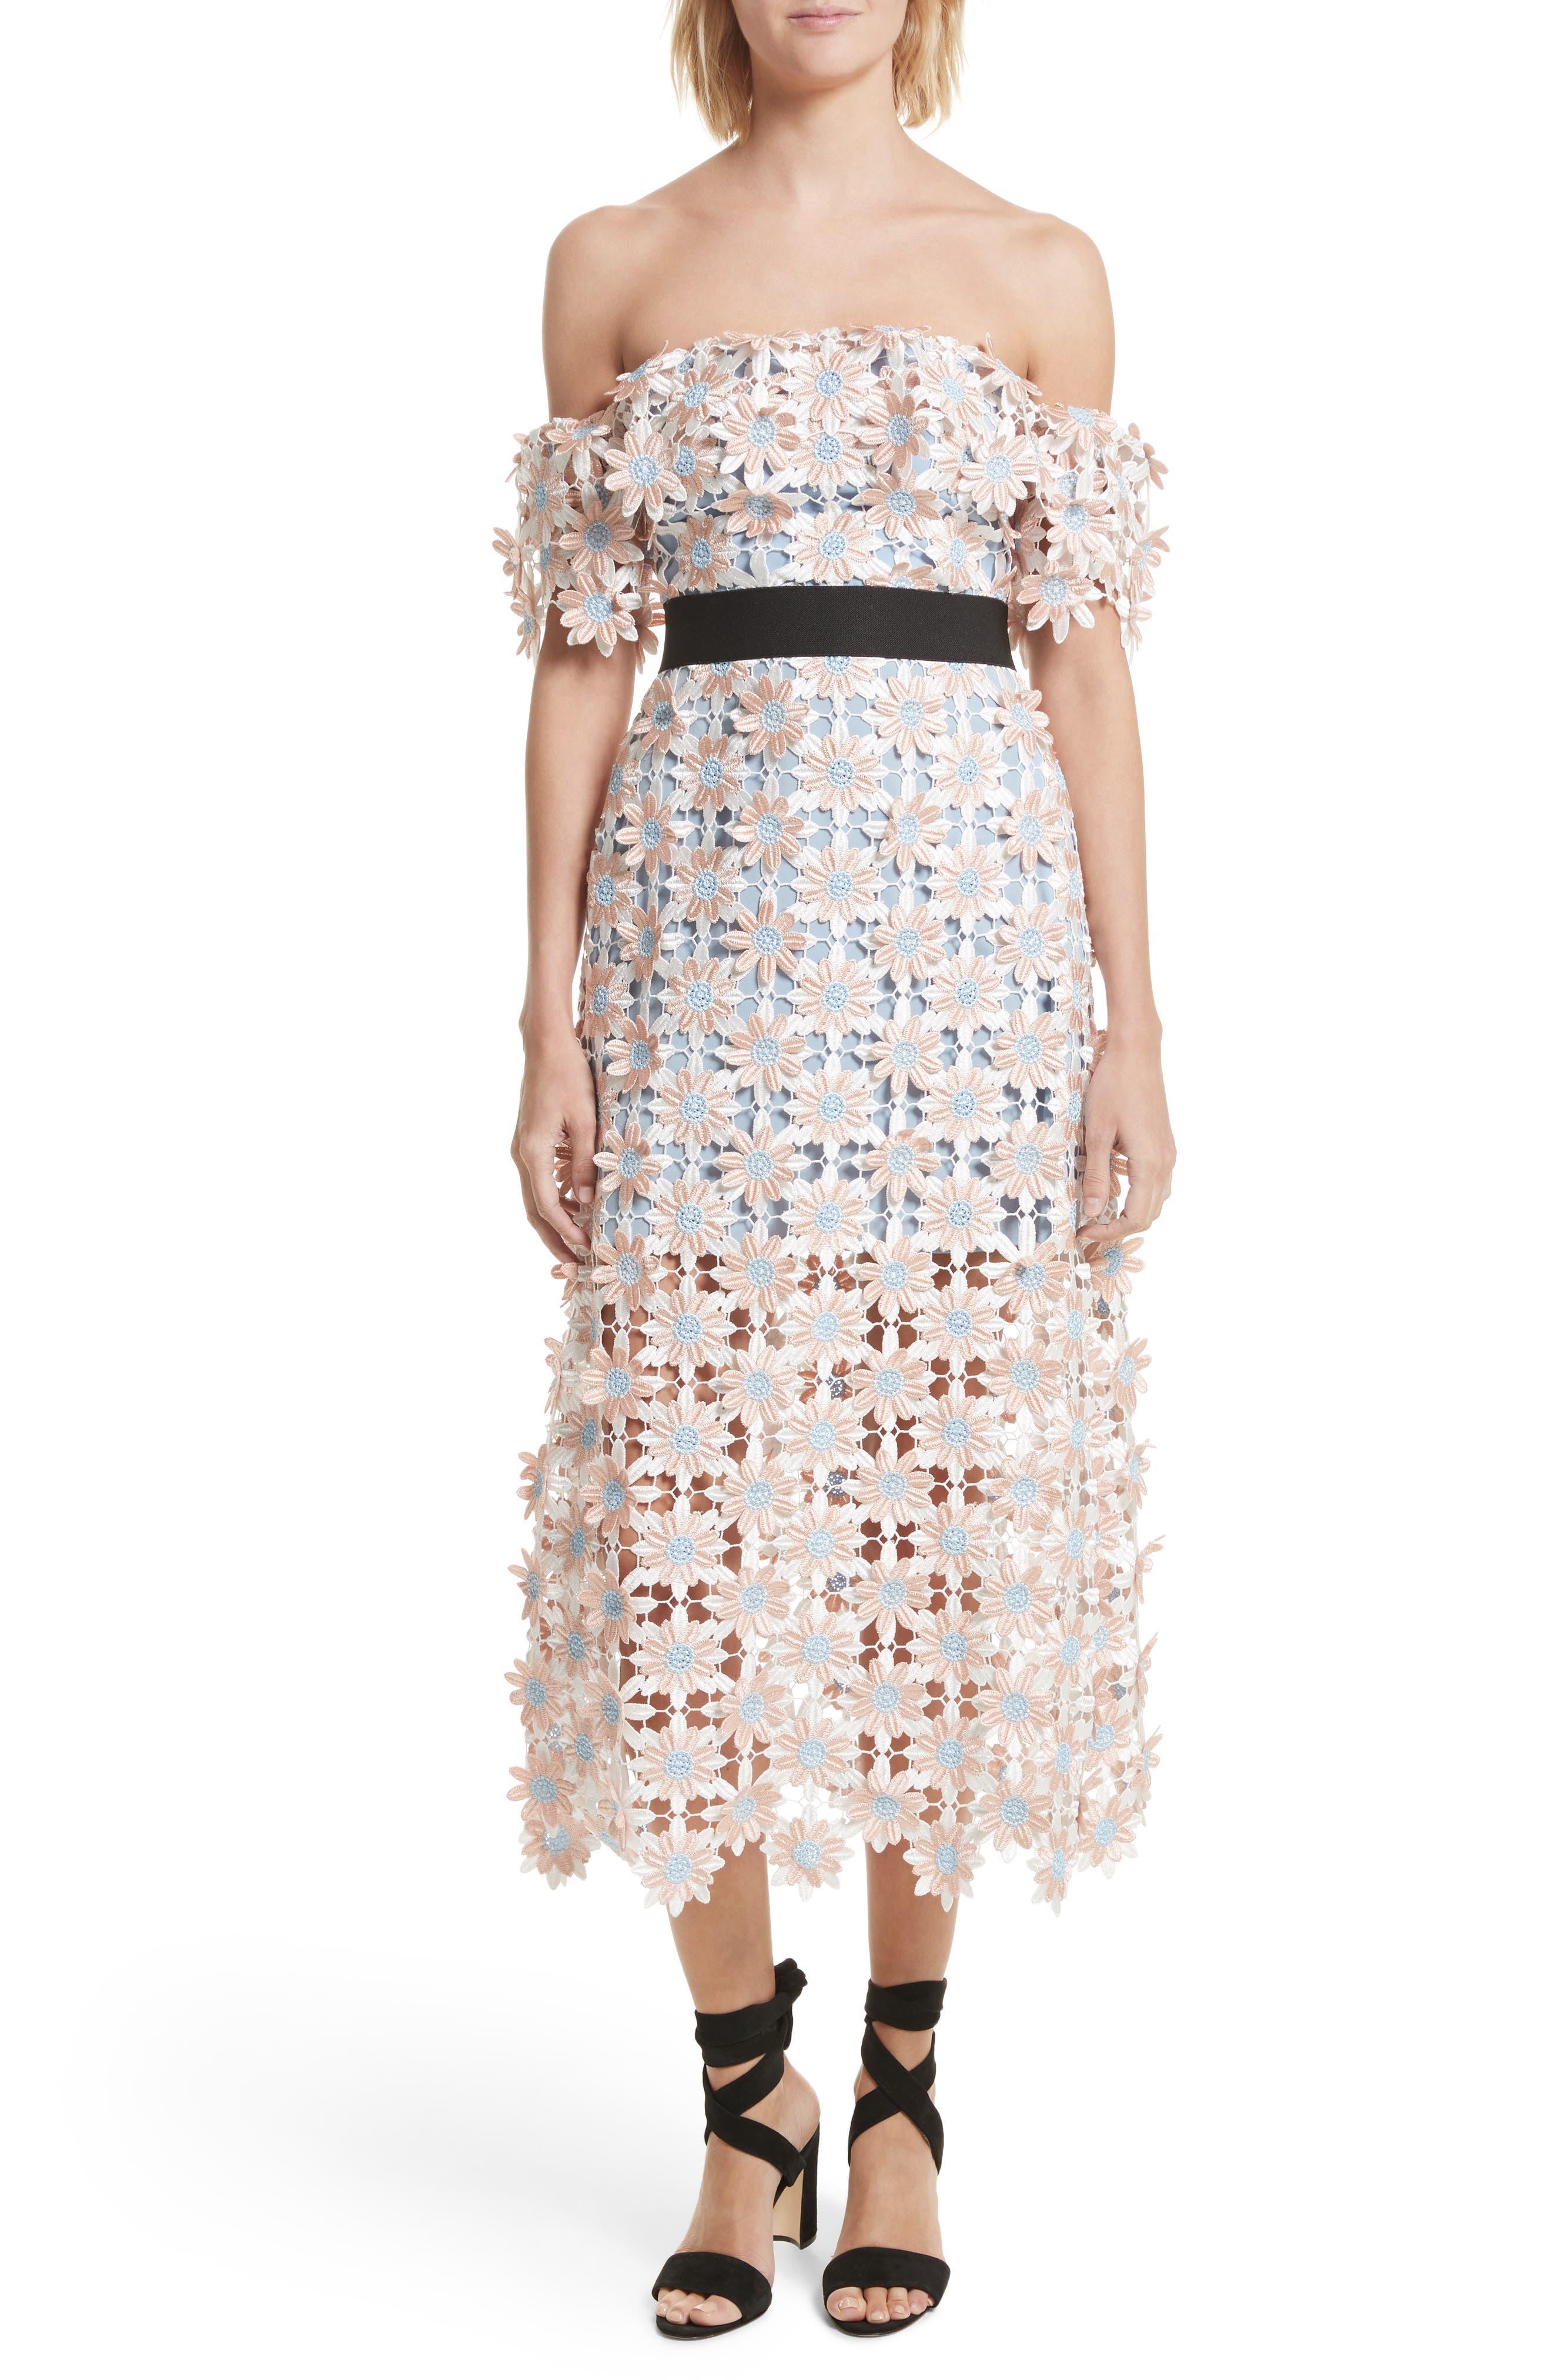 Self-Portrait 3D Floral Lace Off the Shoulder Midi Dress